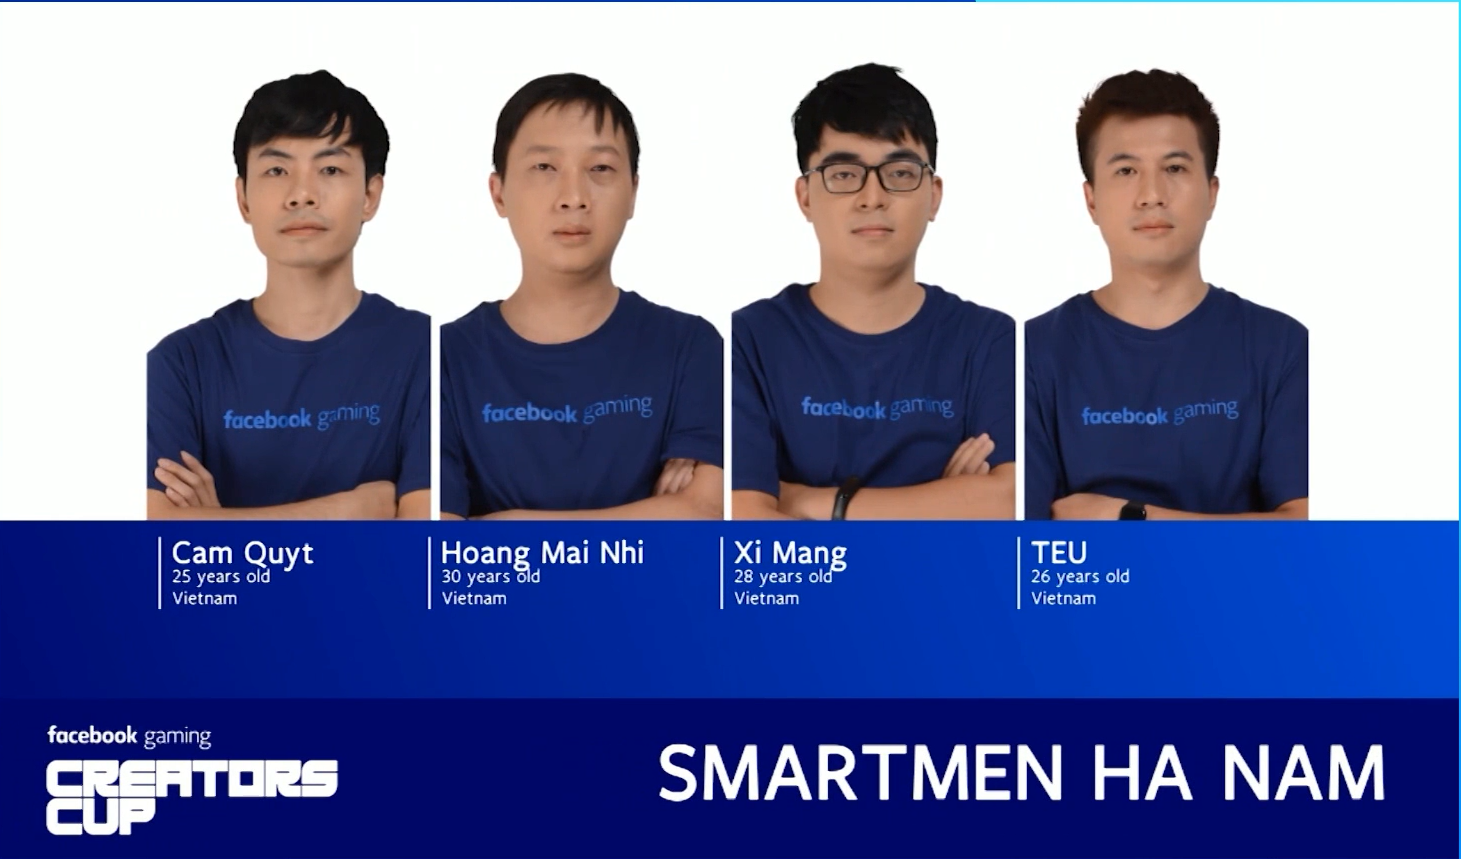 SMH_Hà Nam lần đầu tiên chen chân được vào top 5